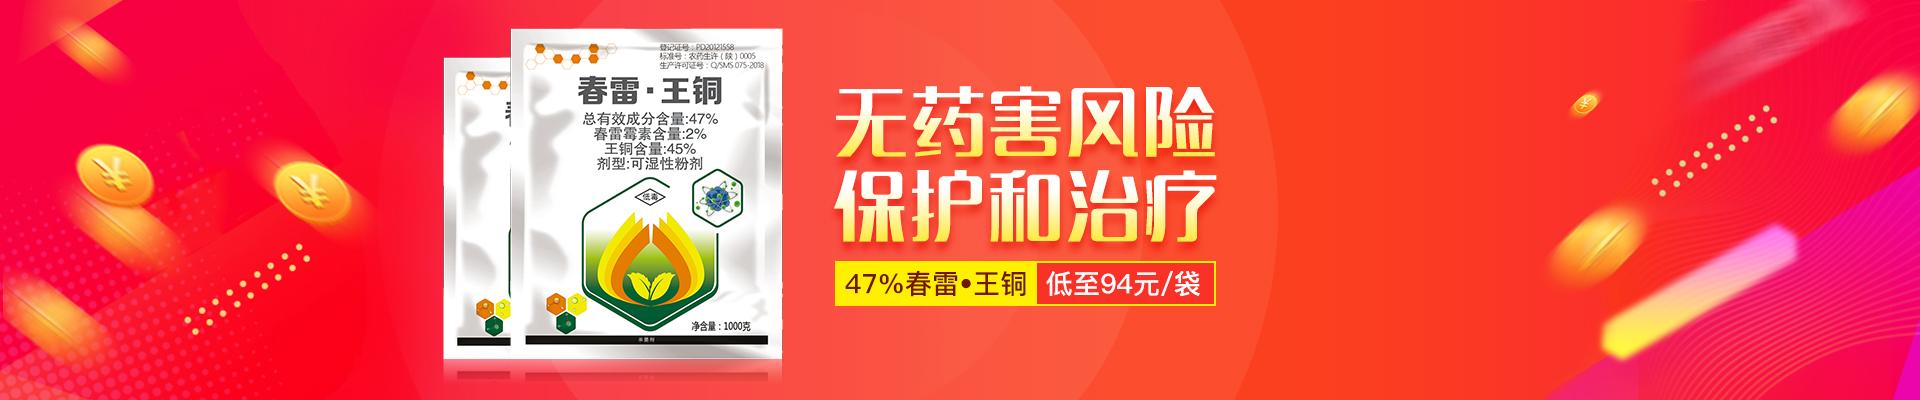 【1月】众筹-春雷王铜-PC轮播